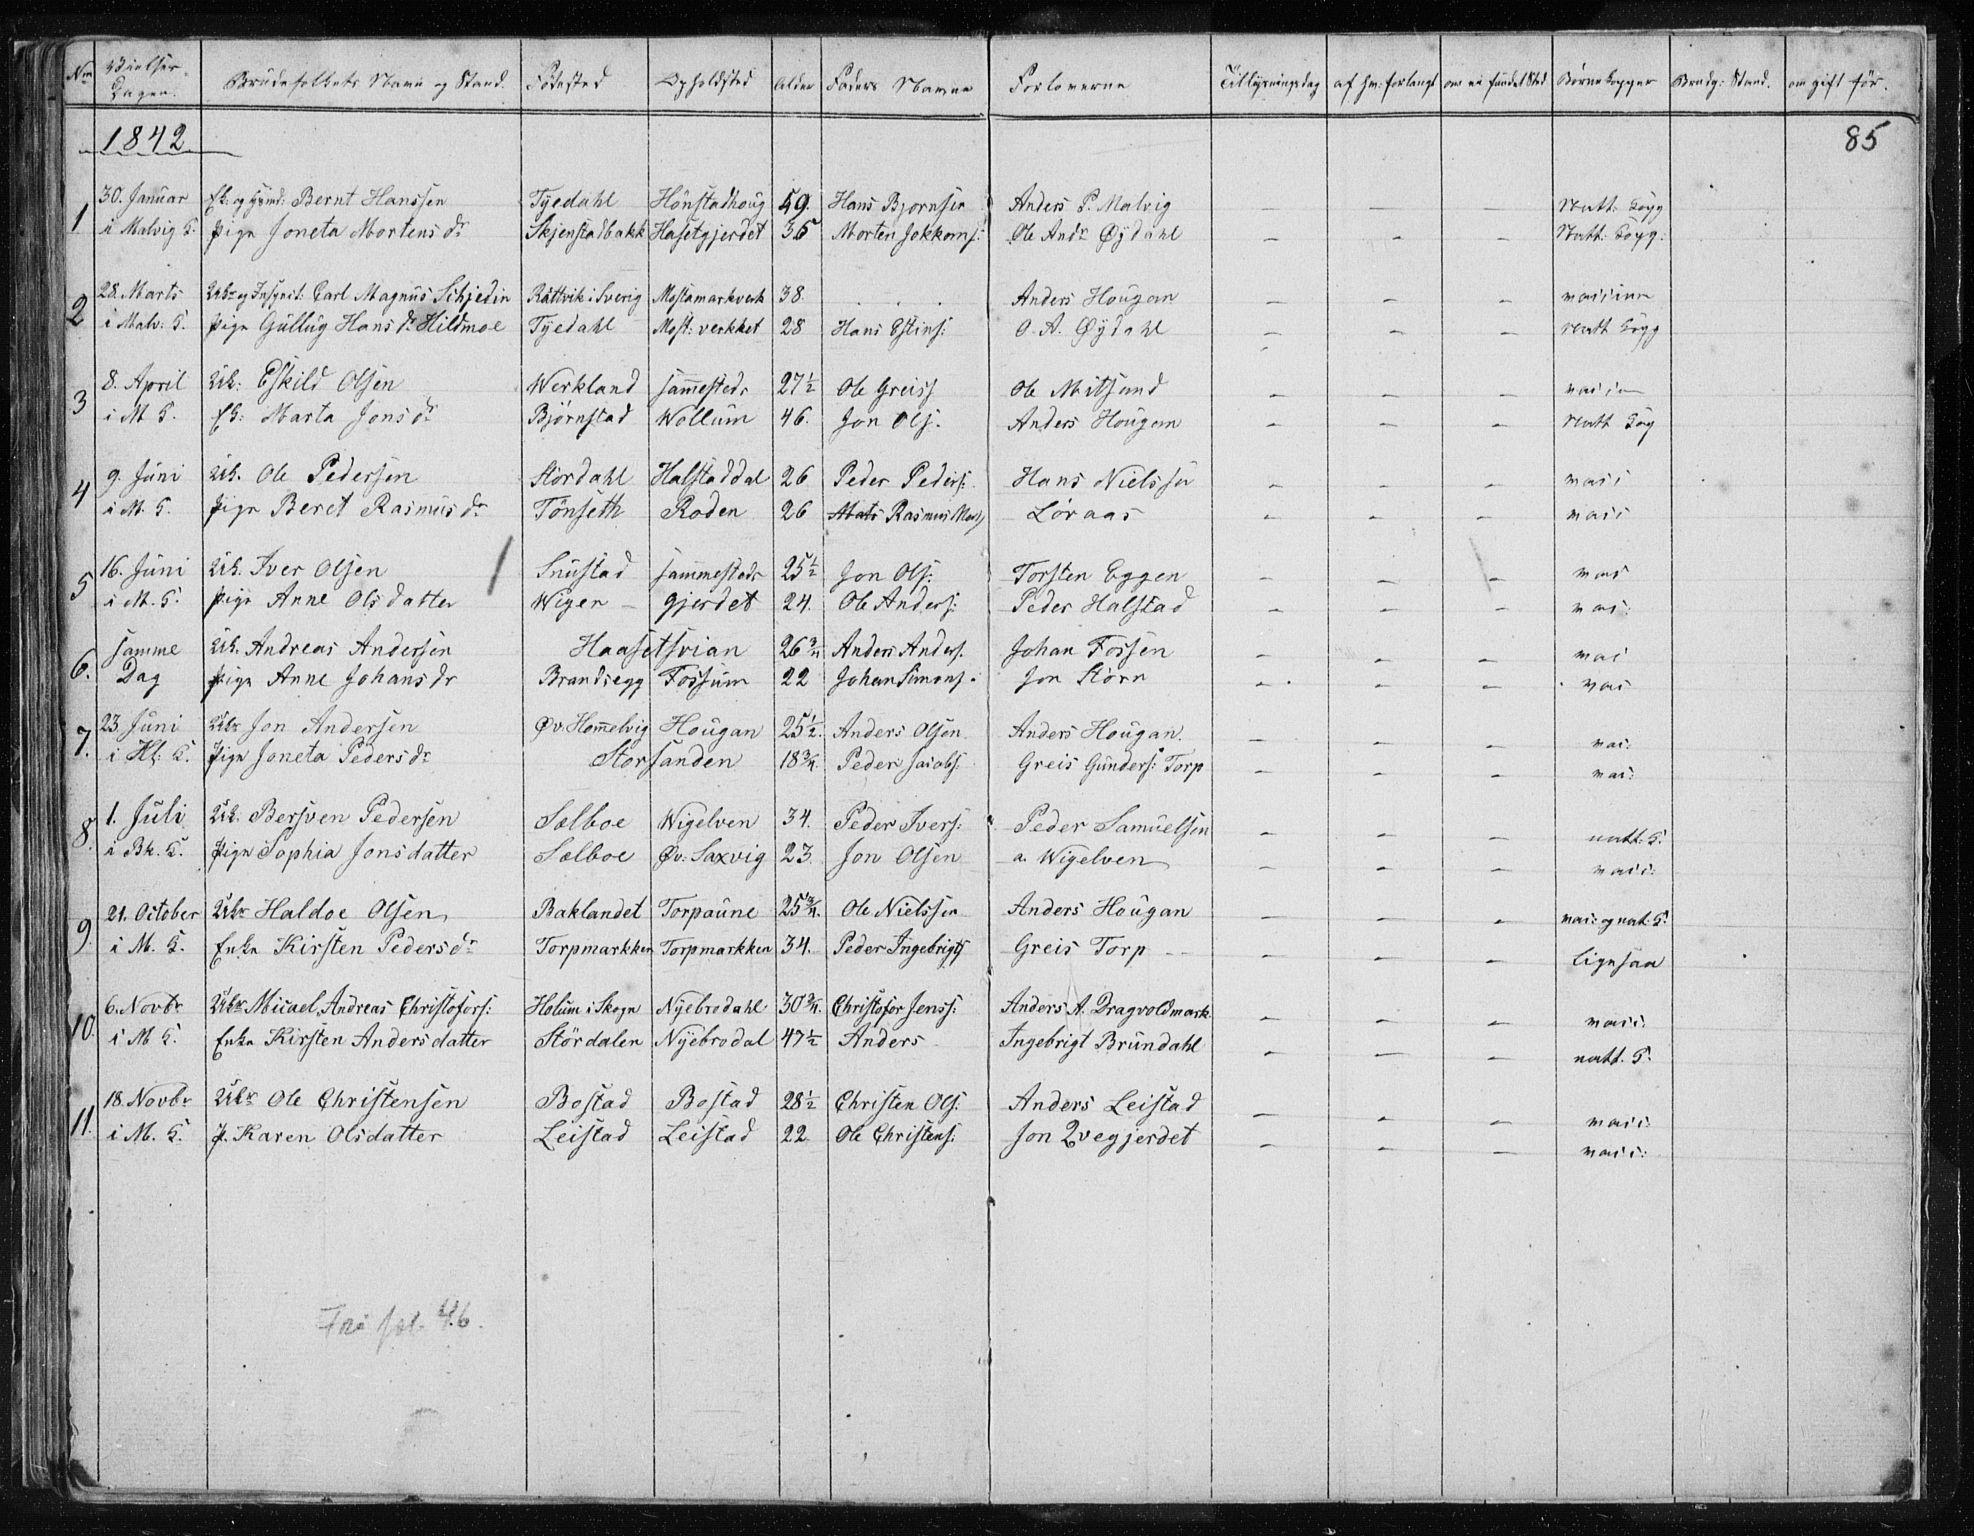 SAT, Ministerialprotokoller, klokkerbøker og fødselsregistre - Sør-Trøndelag, 616/L0405: Ministerialbok nr. 616A02, 1831-1842, s. 85